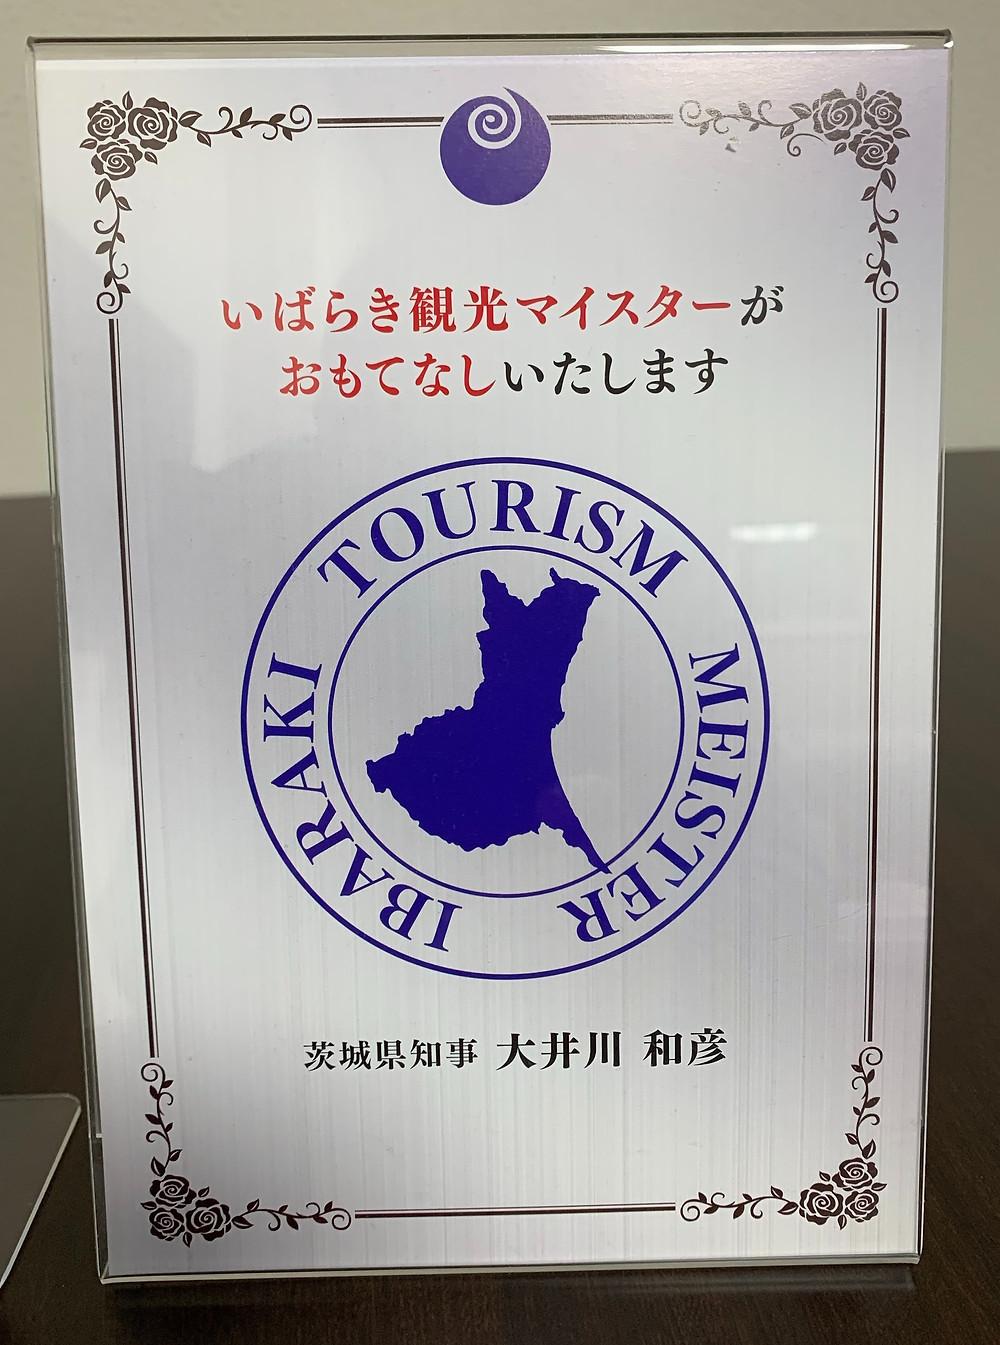 茨城 観光 マイ スター